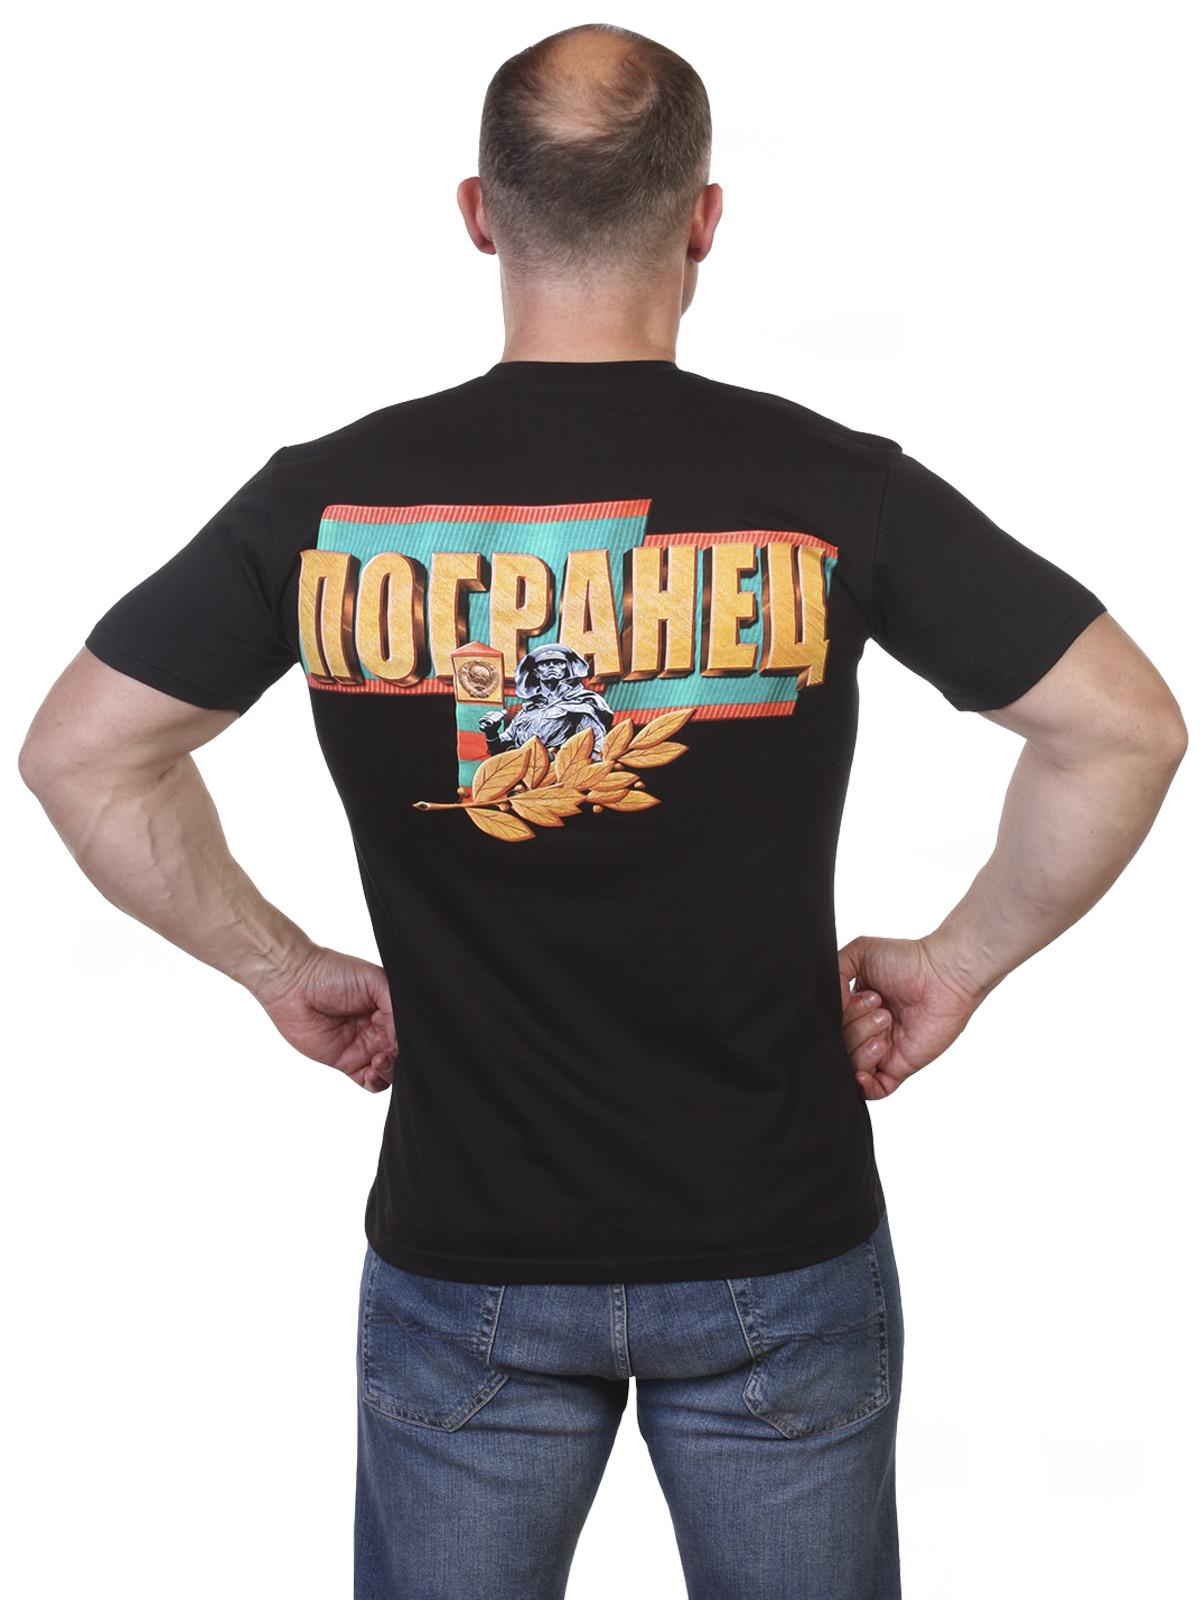 Черная футболка с Пограничным принтом по выгодной цене